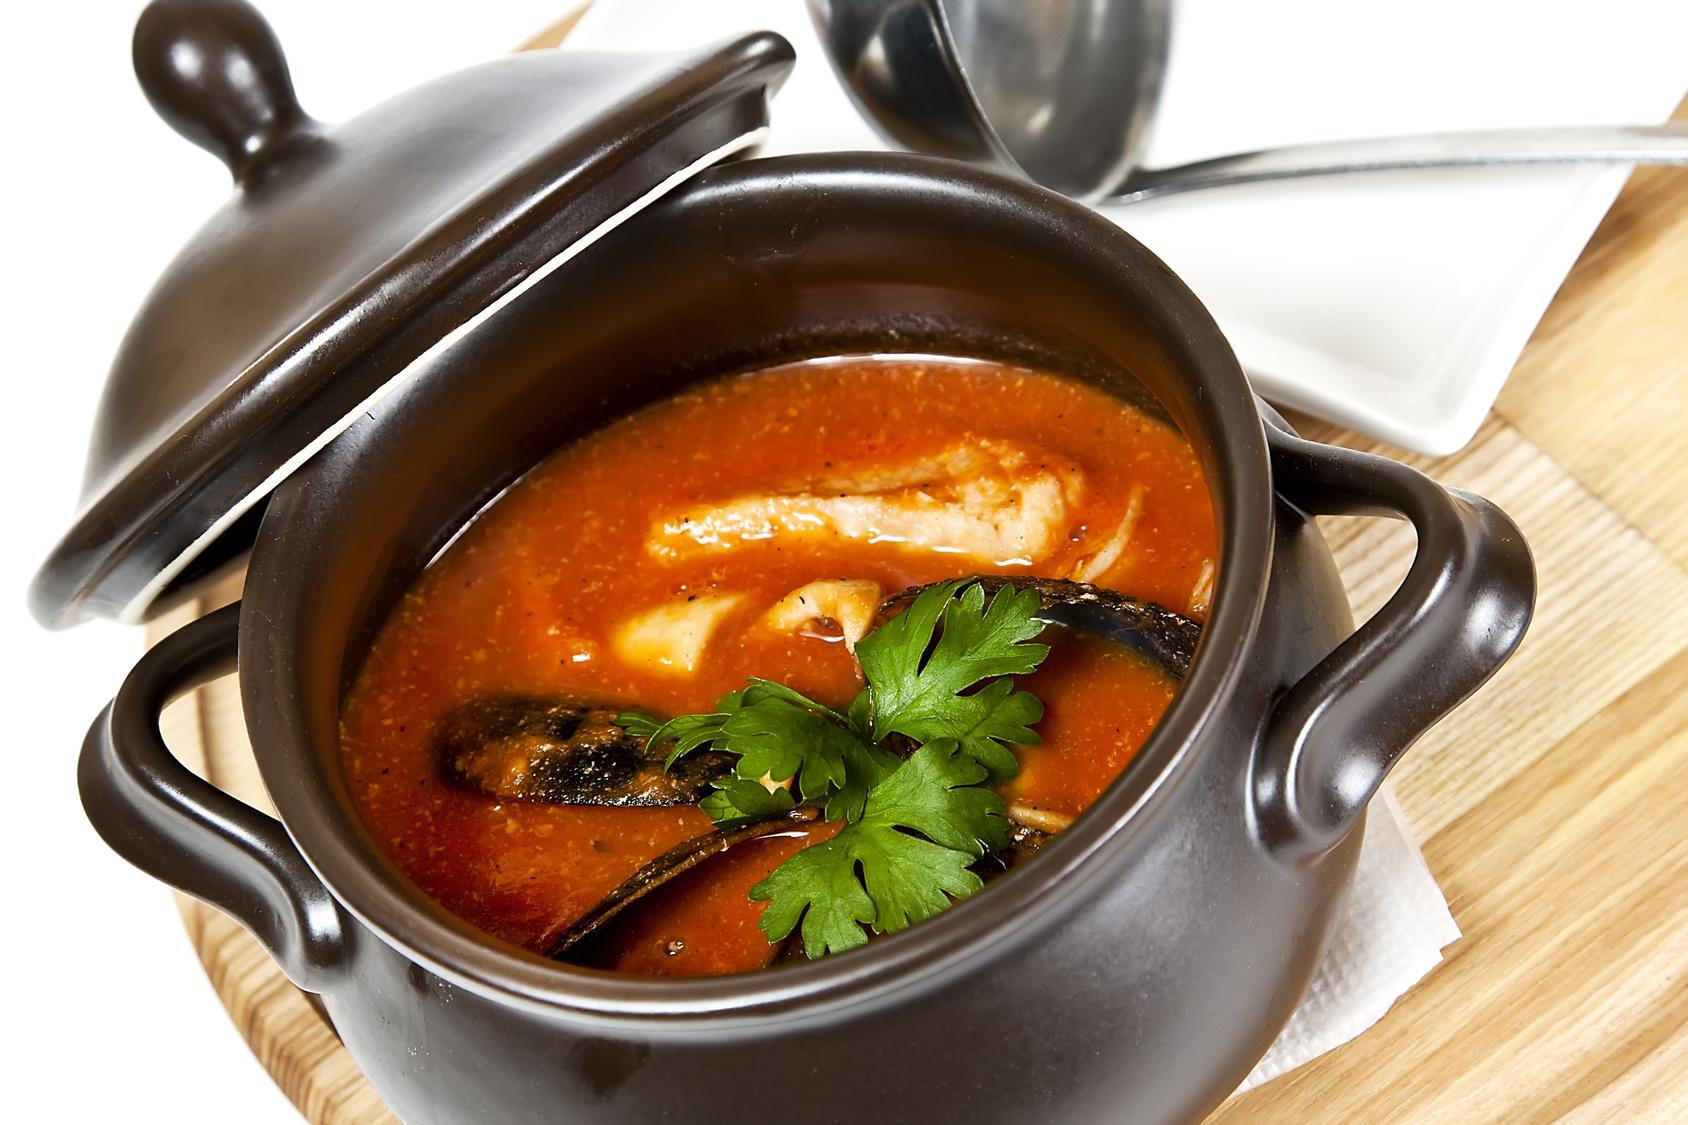 R sopa pescado 2